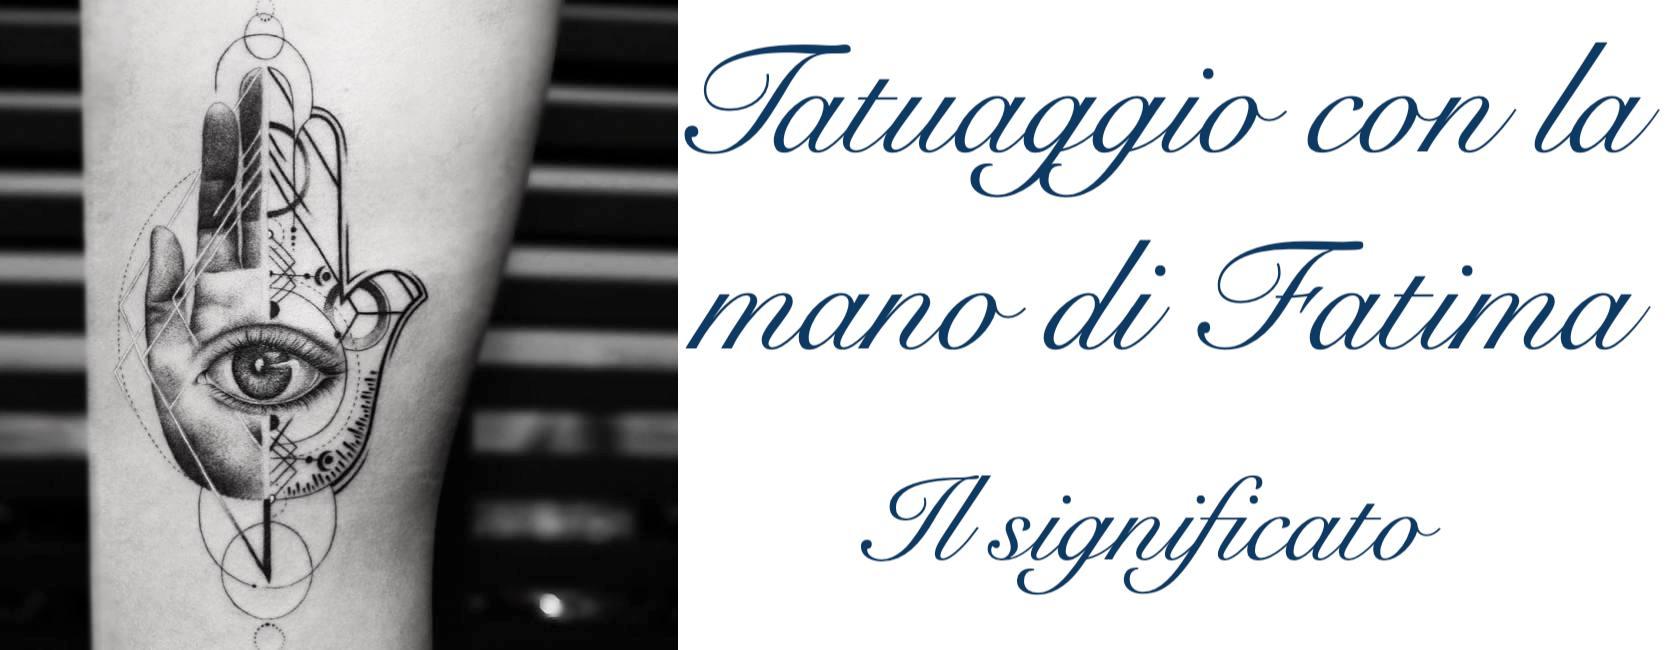 Tatuaggio Tattoo Mano di Fatima Significato